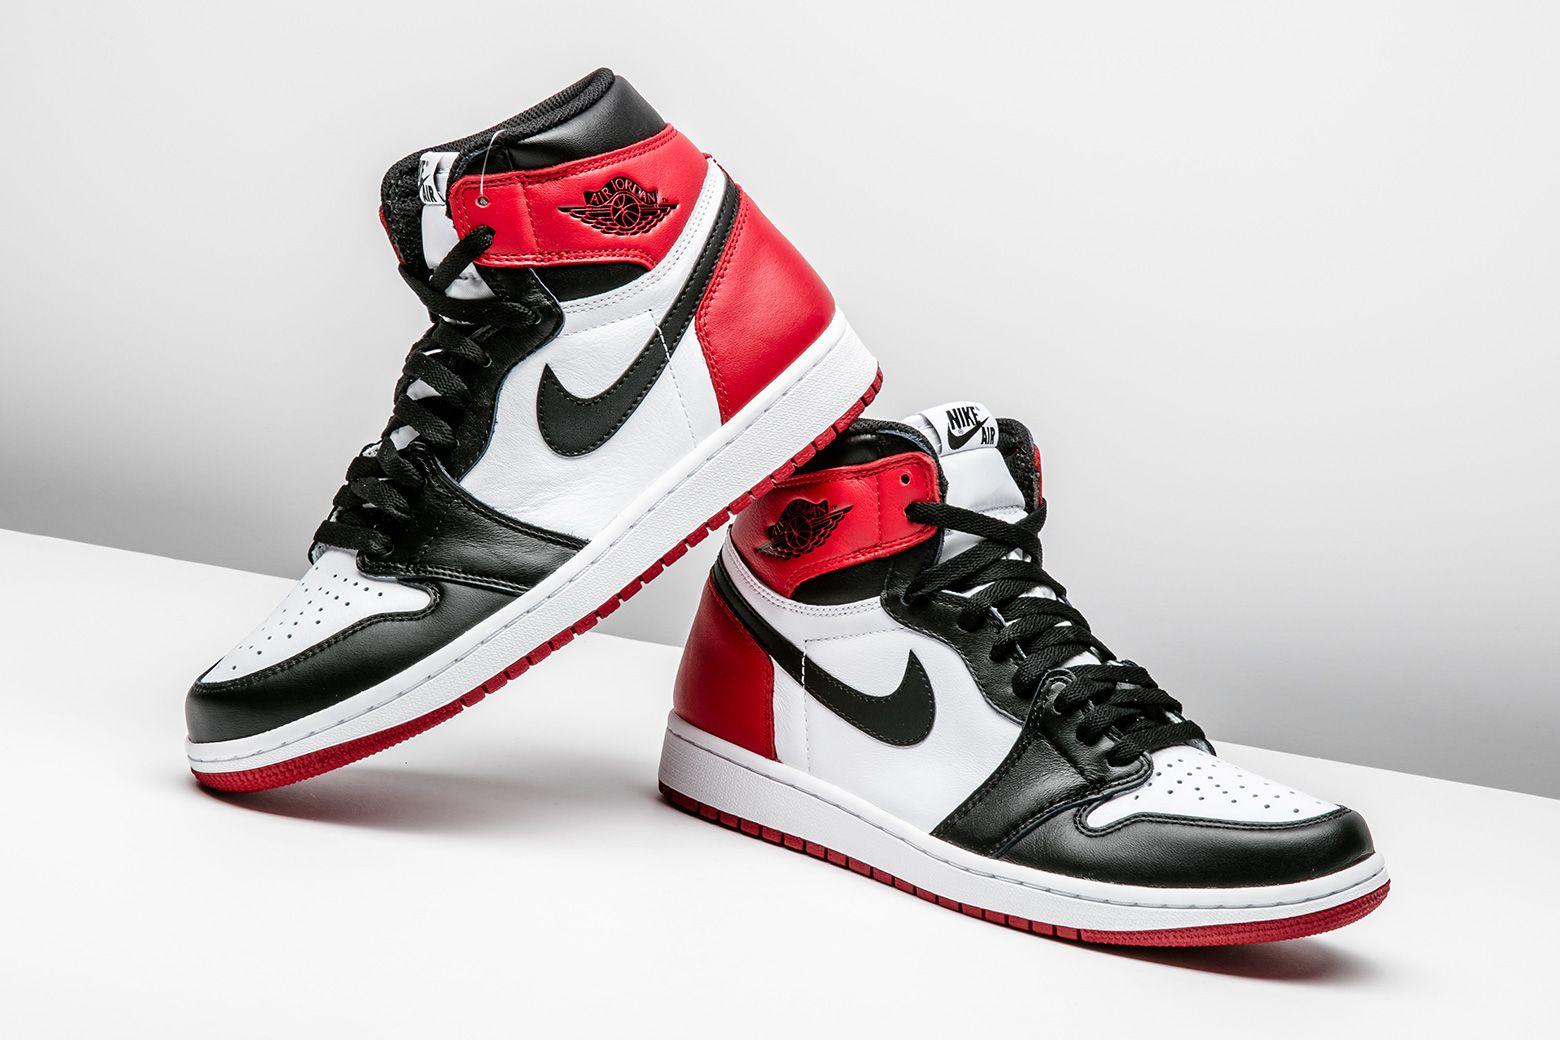 """6d85b45776b Rate the Air Jordan 1 """"Black Toe"""" from 1 - 10."""